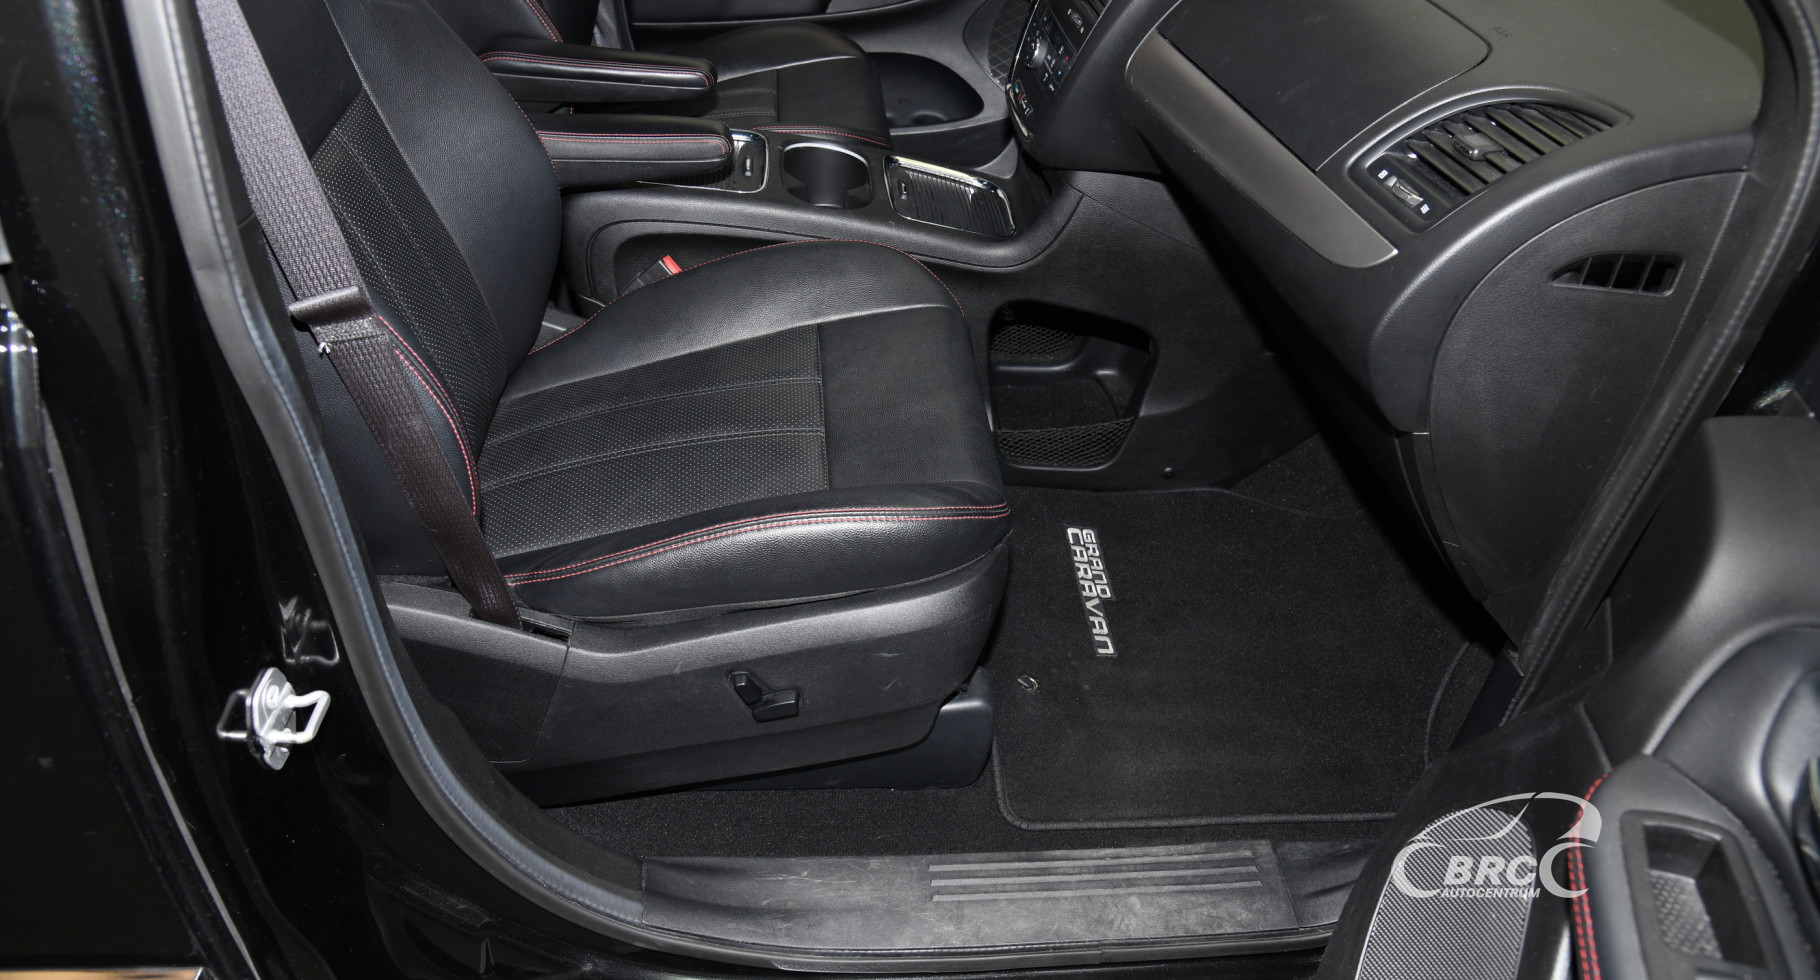 Dodge Grand Caravan 3.6 V6 R/T Flex Fuel Automatas